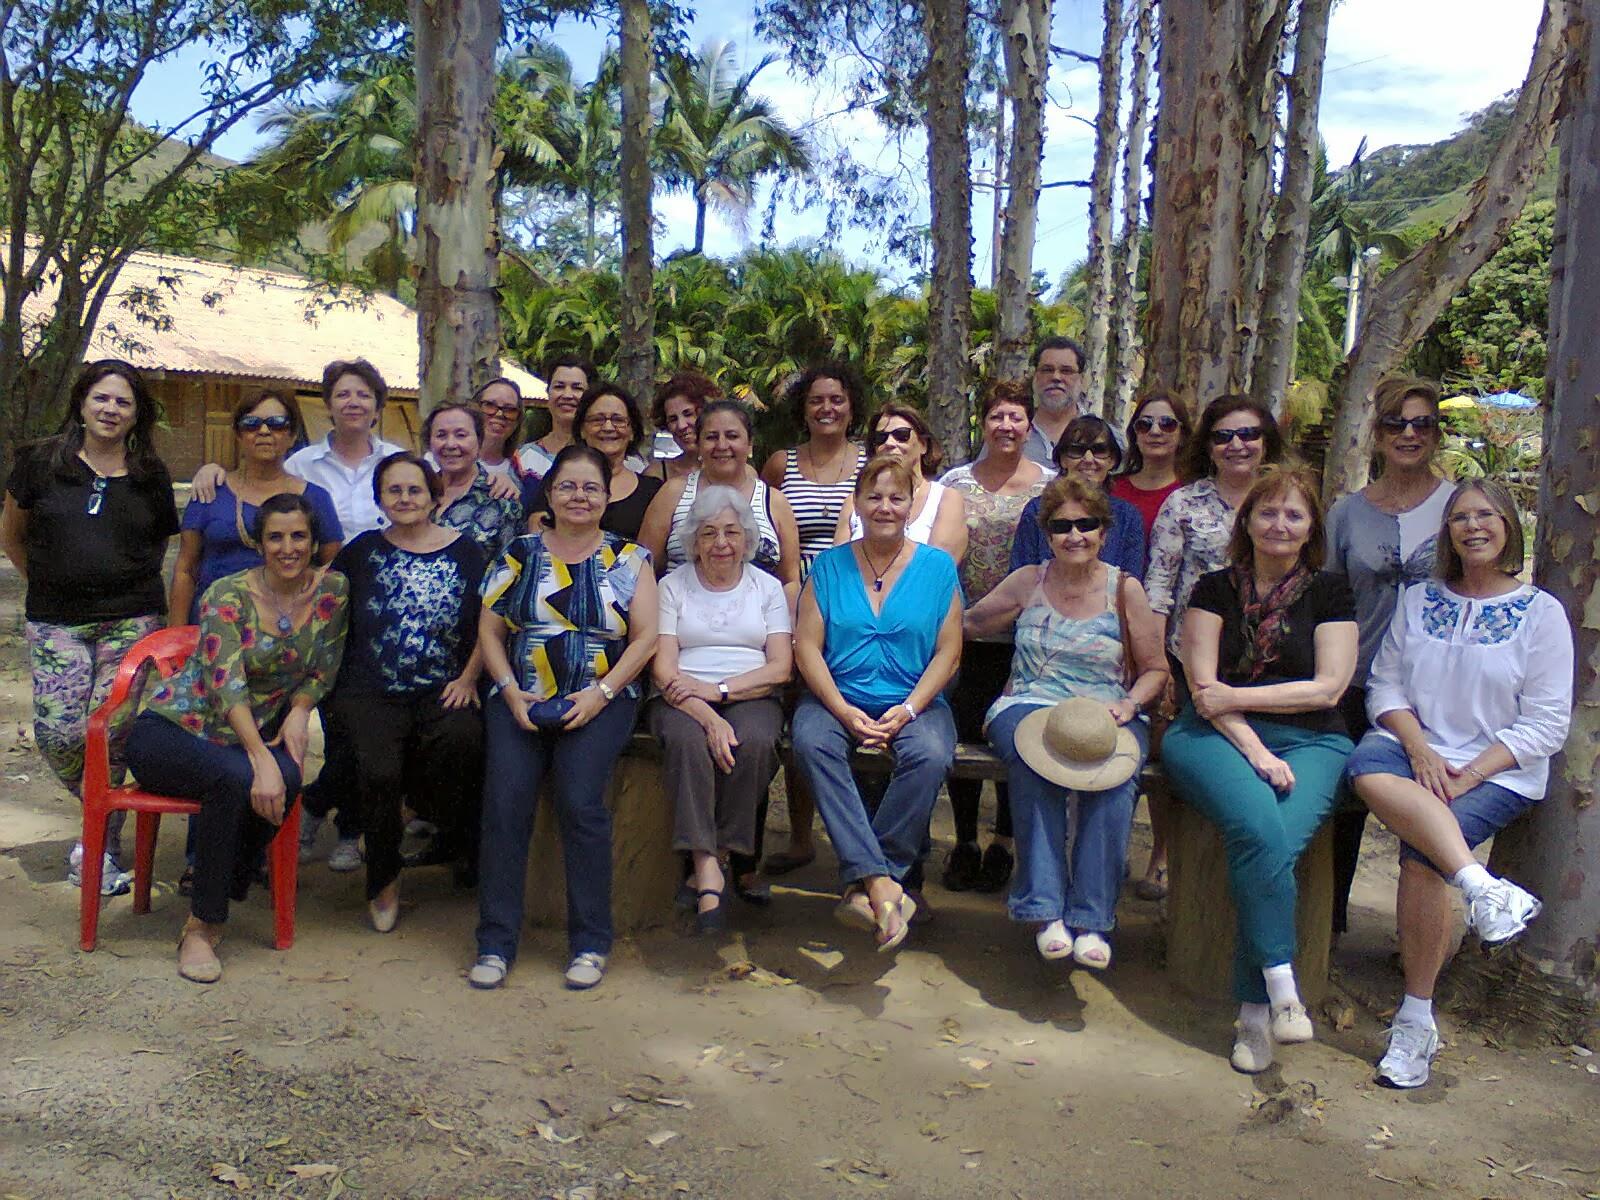 Clube de Leitura Icaraí: o Clube